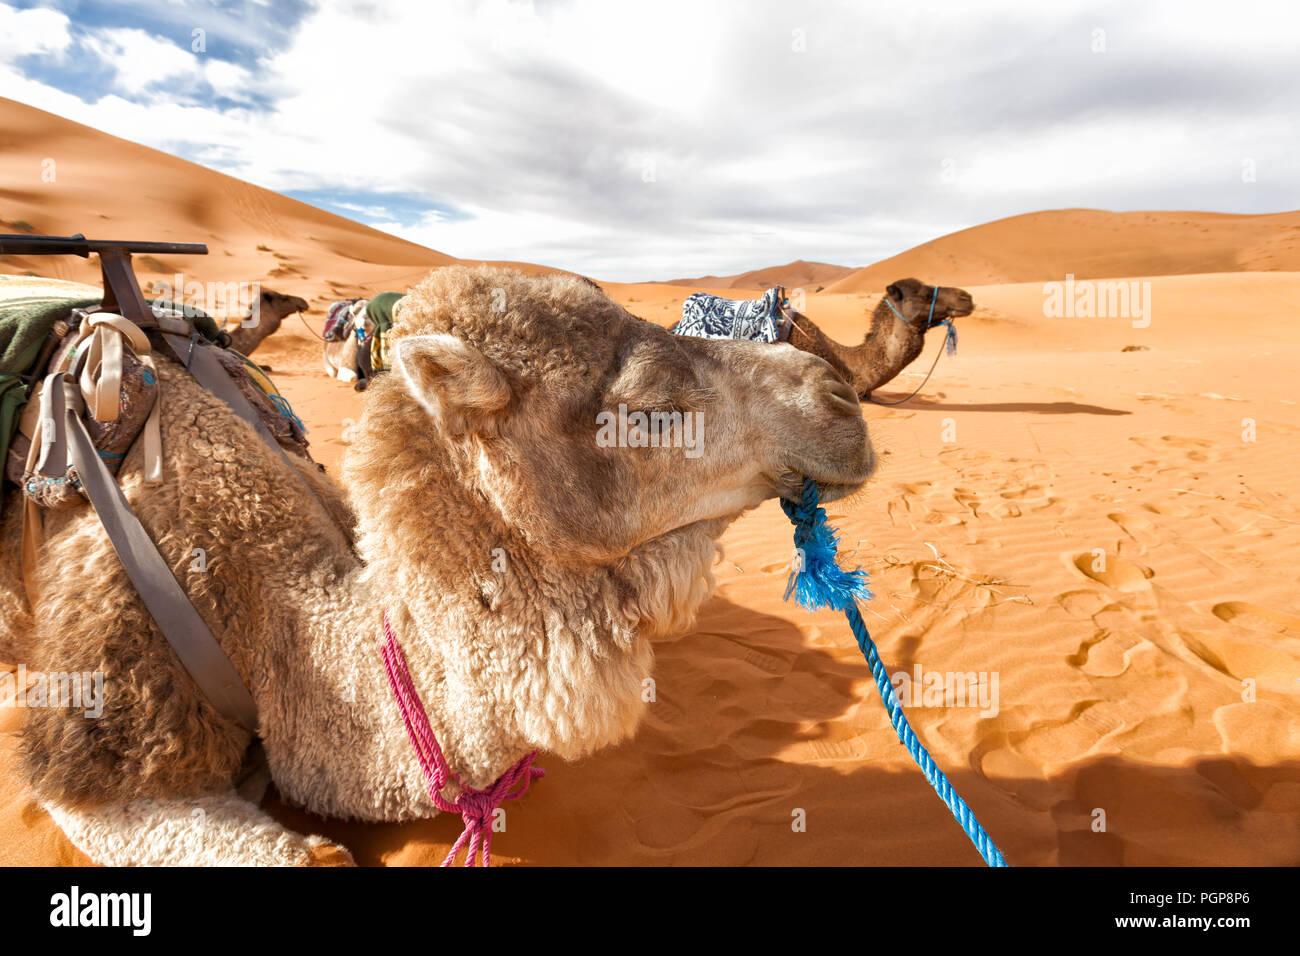 Maroc, désert du Sahara. Les chameaux au repos couché sur les dunes de sable. Close up camel au premier plan. Copy space Banque D'Images